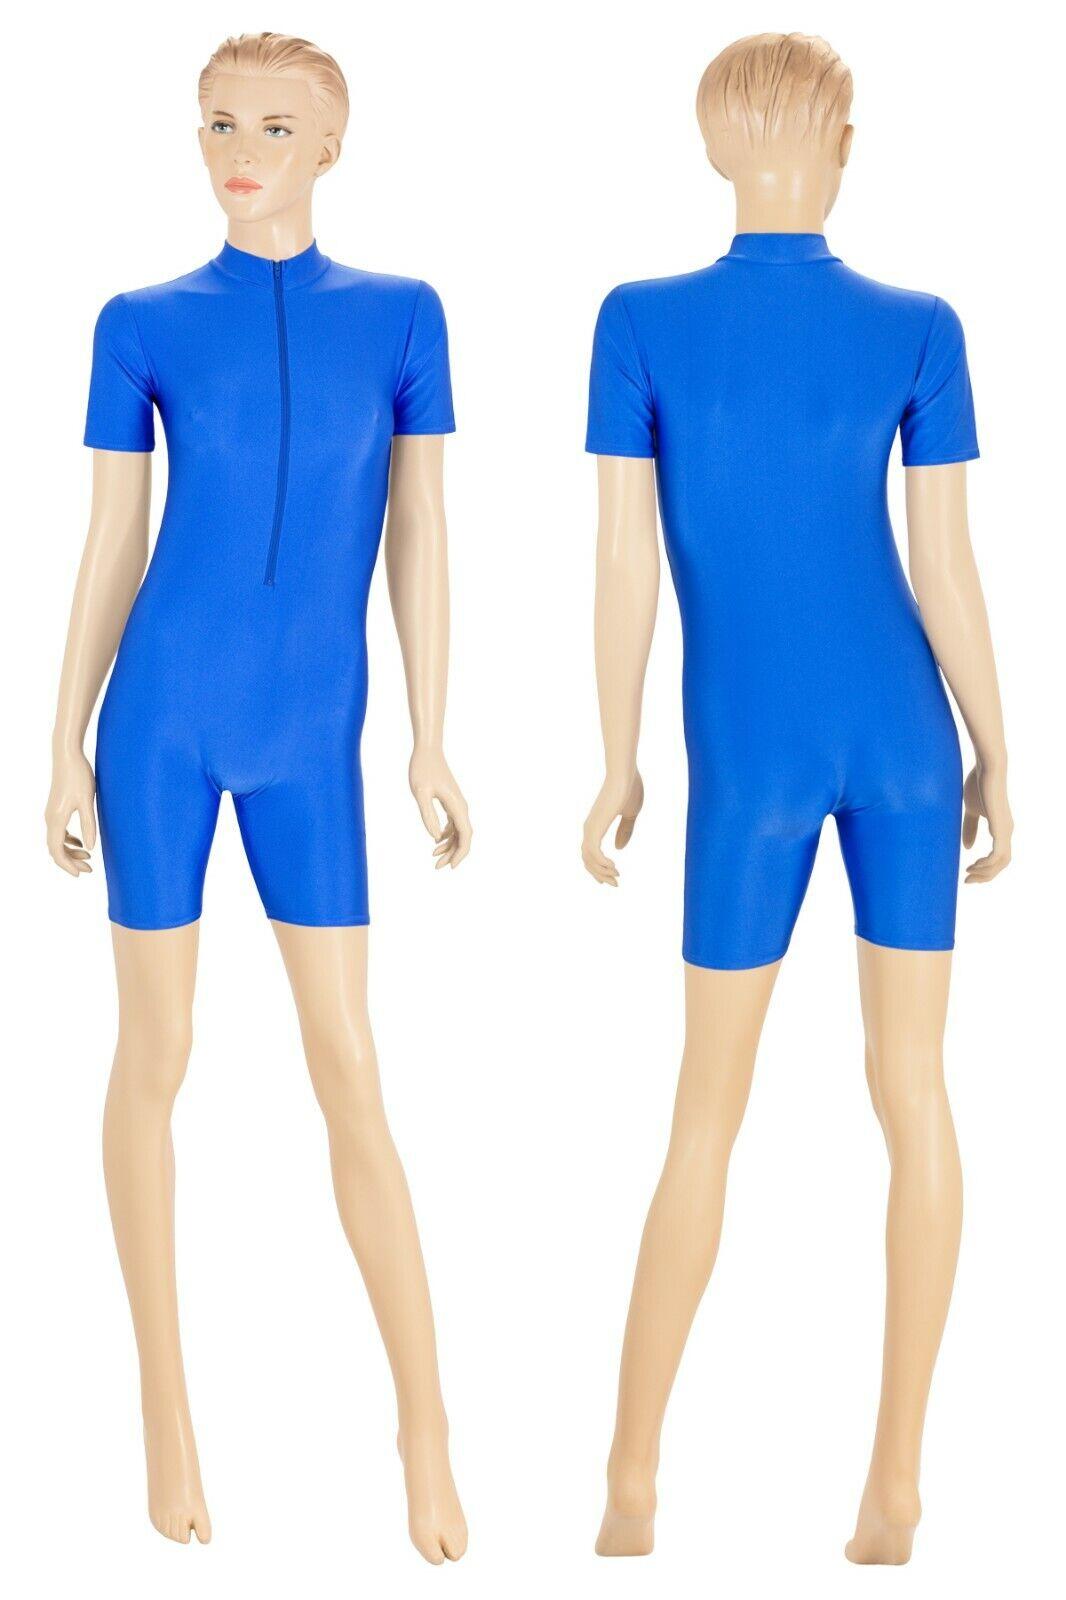 Damen Ganzanzug kurze Ärmel und Beine Kragen Front-RV Glanz stretch shiny S - XL  | Hochwertige Materialien